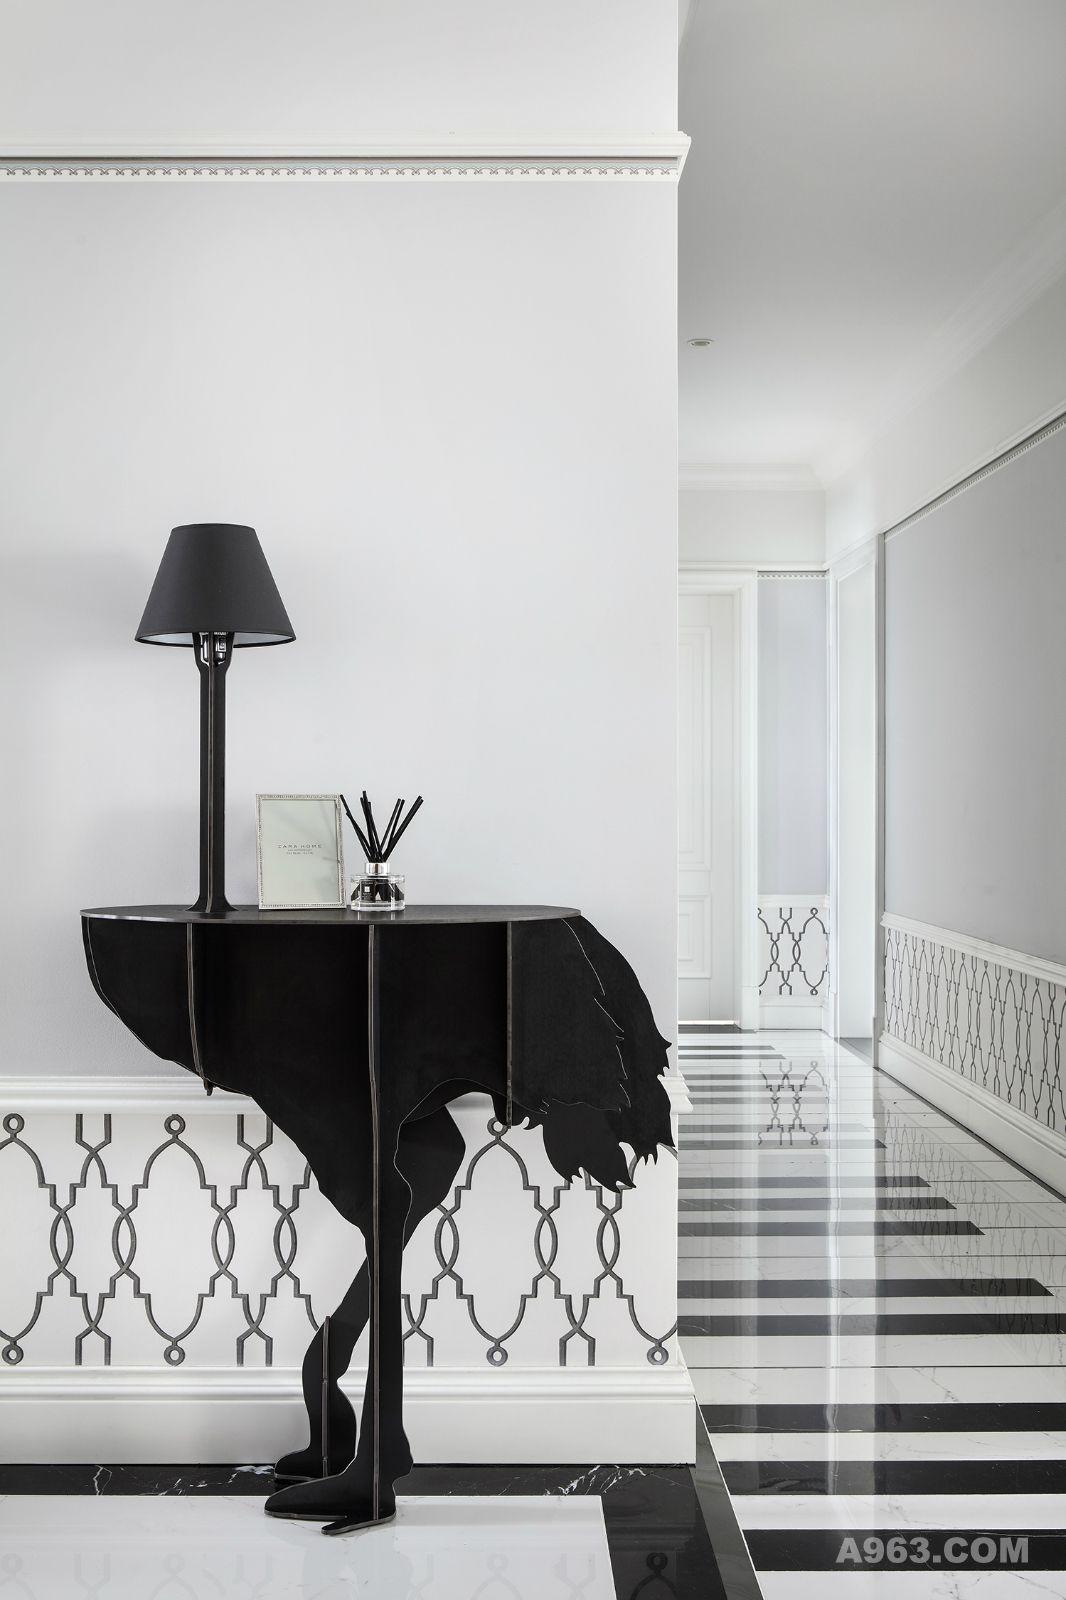 轻奢,触手可及的品味生活方式。 跃然灵动的钢琴键过道,仿佛演奏着优雅的《The Last Waltz》。出众的Ibride鸵鸟灯,宛如伴随着音乐舞动。墙裙采用石膏线条与壁纸的结合,保护墙边的同时提升了空间整体逼格。反光的地砖,将整体高度拉伸起来。